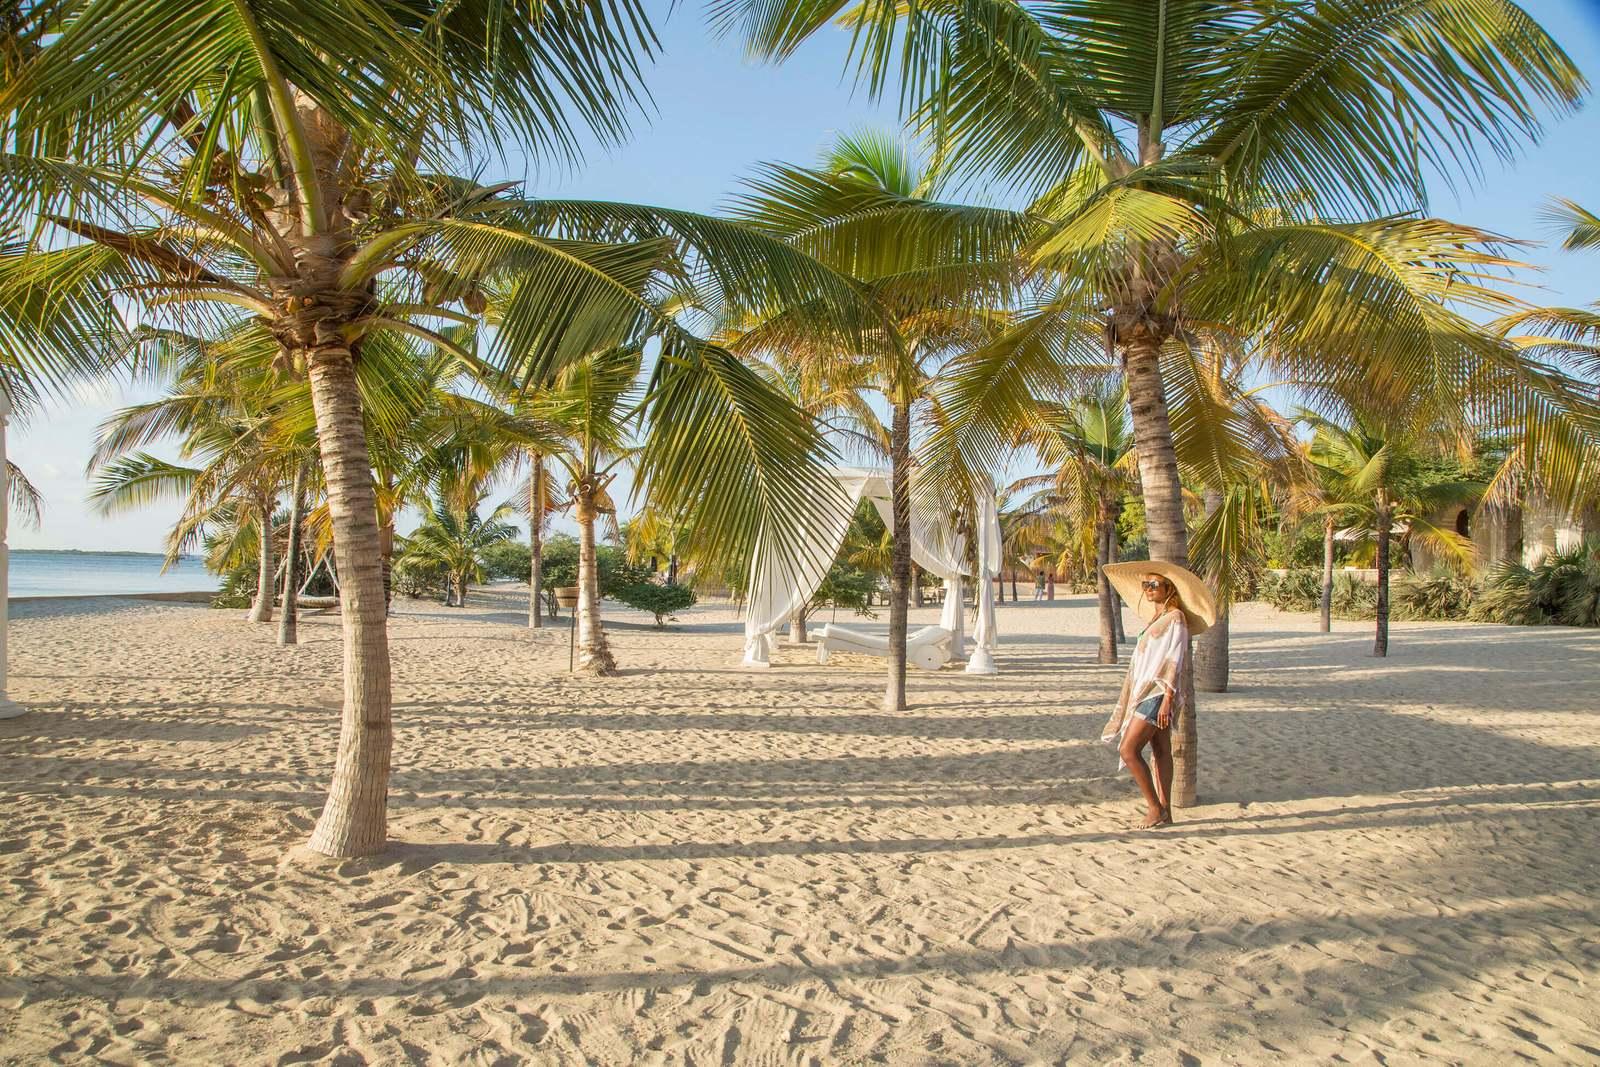 Shea Villa beach in Kenya